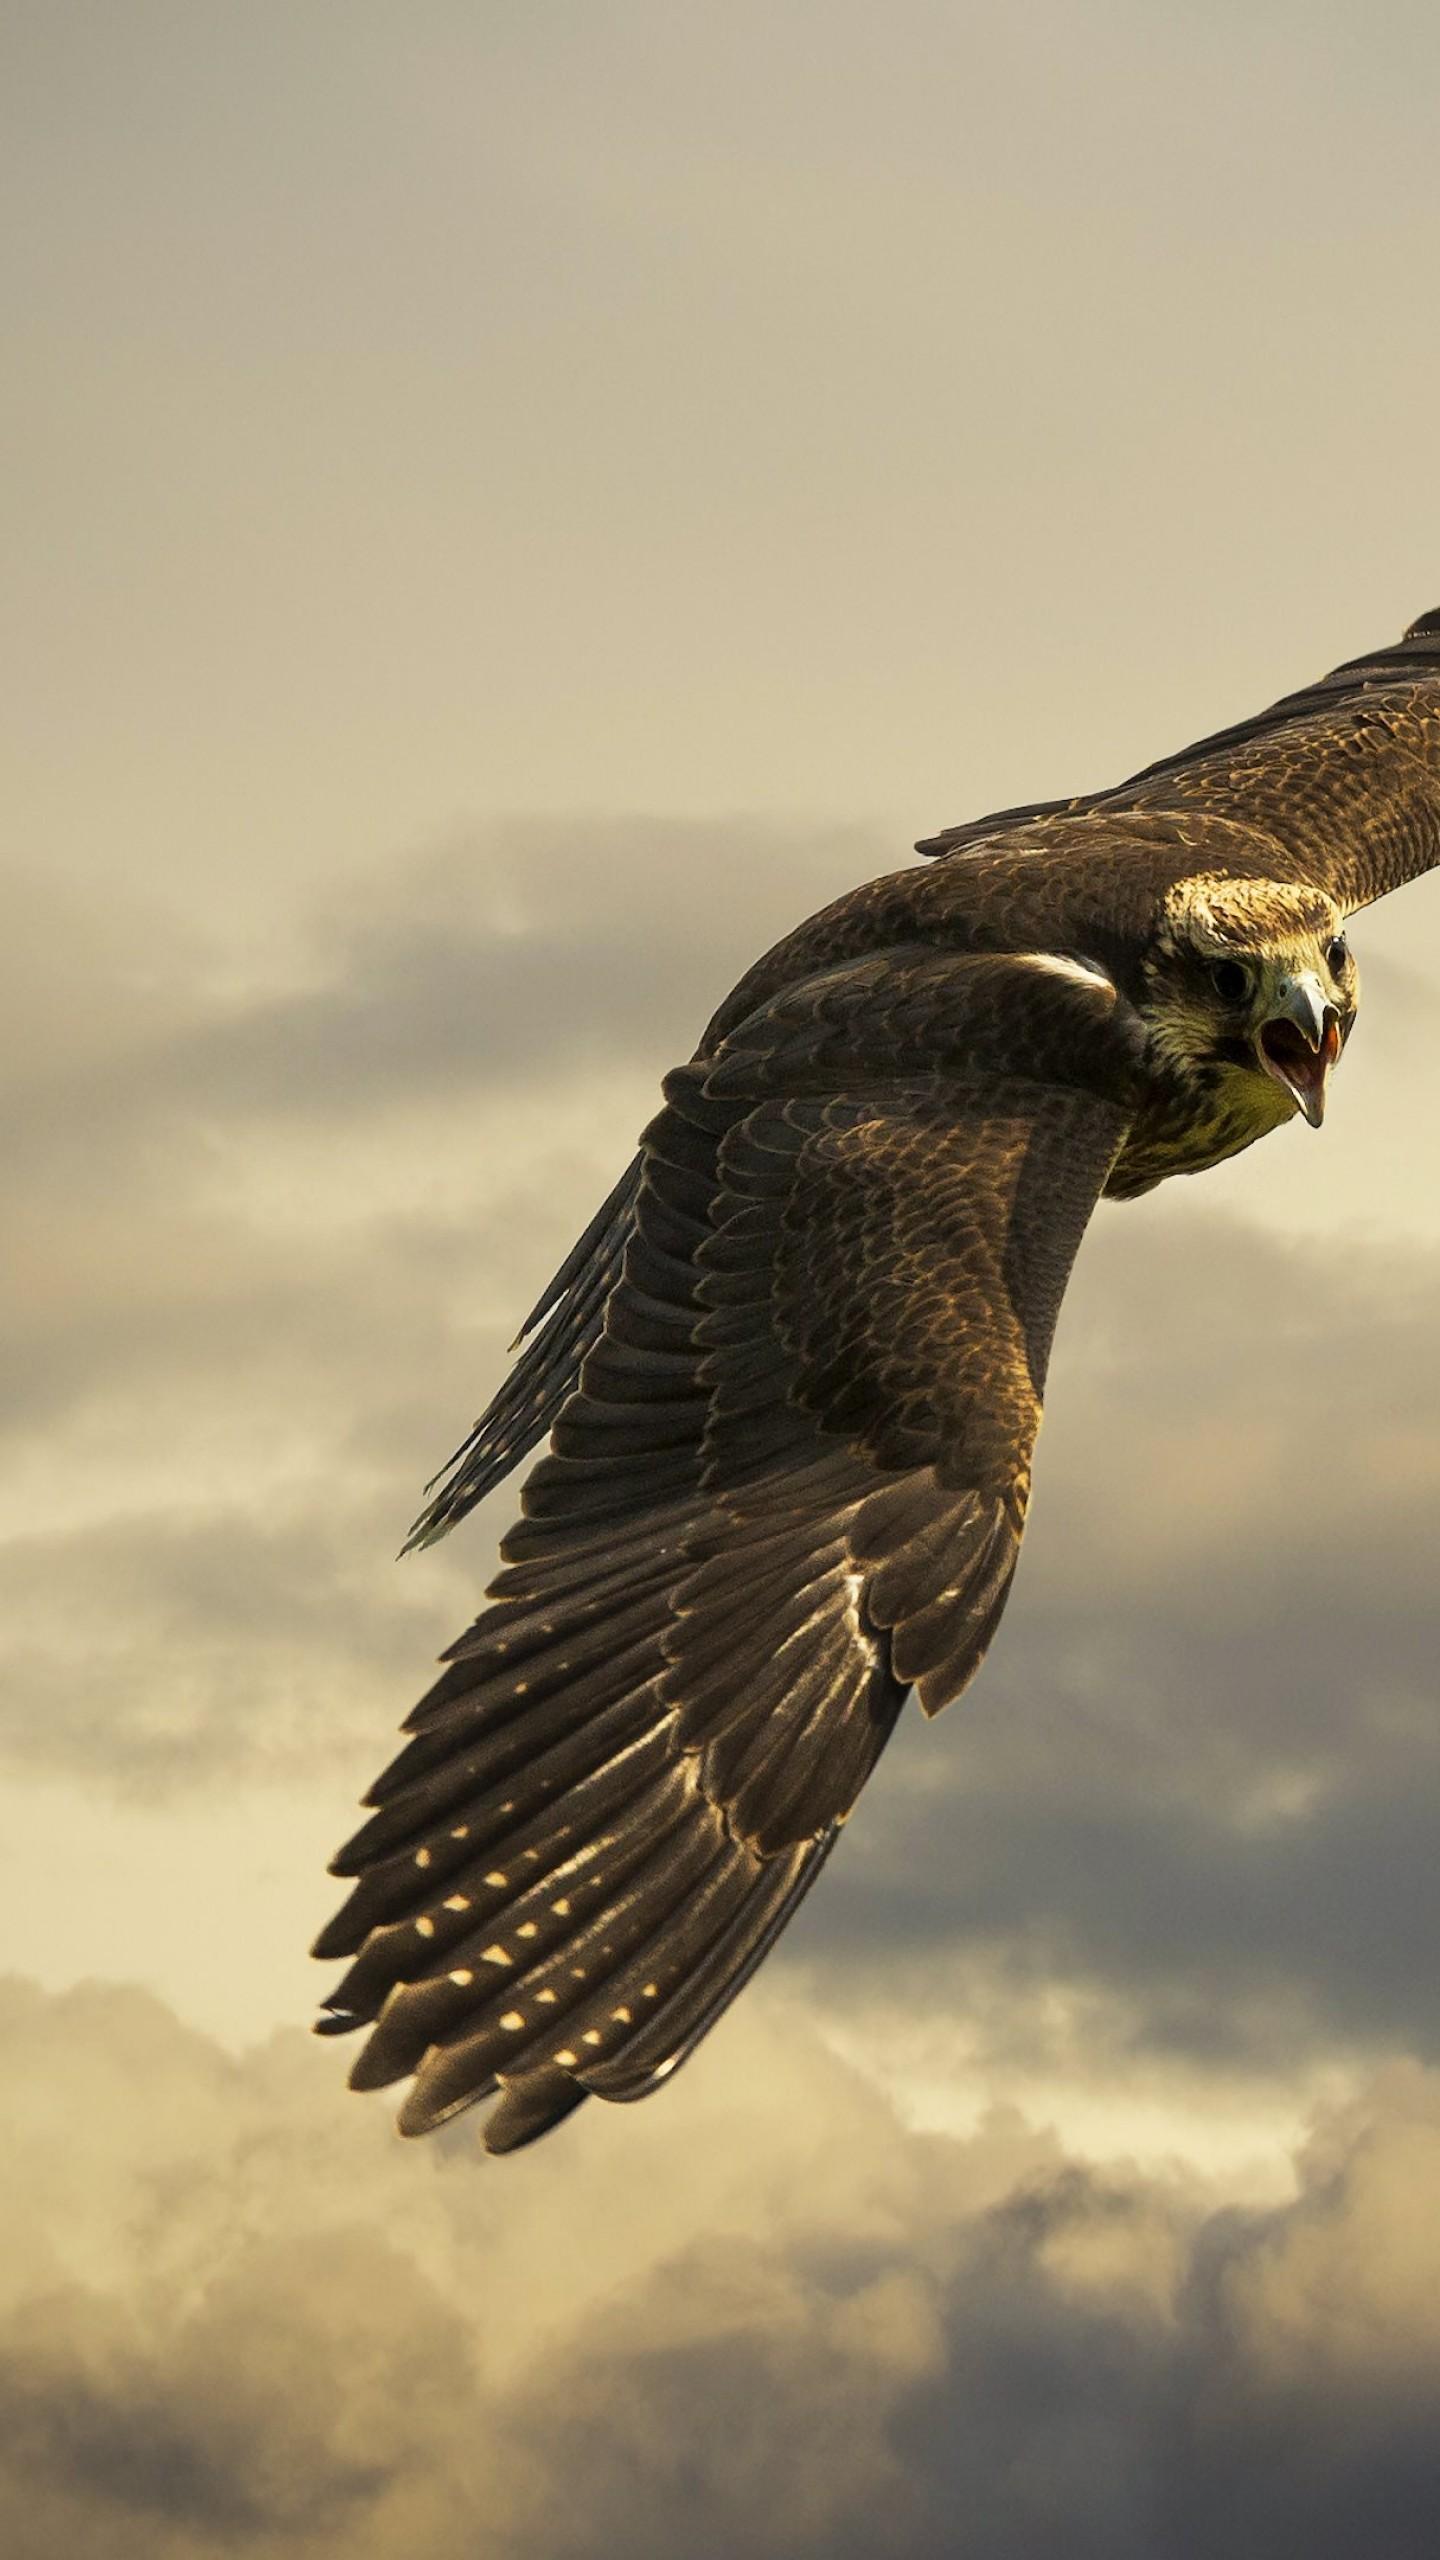 Wallpaper Hawk, 4k, HD wallpaper, sky, clouds, fly, gray ...